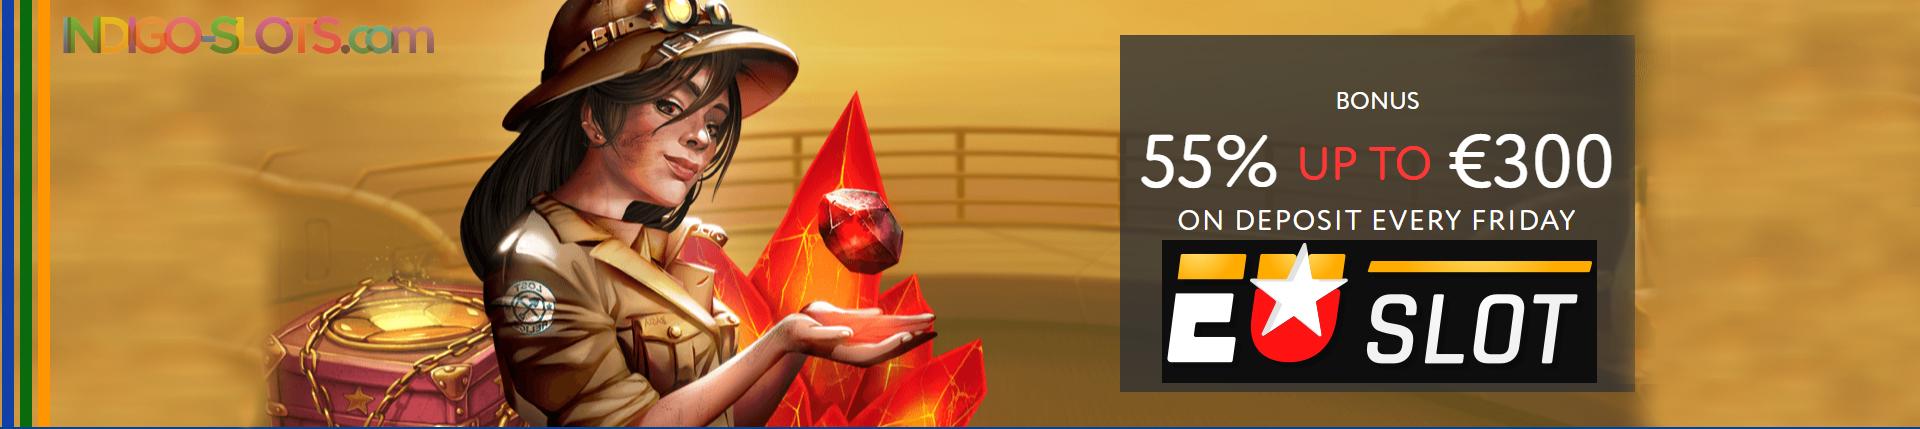 Euslot Casino Welcome Bonus.